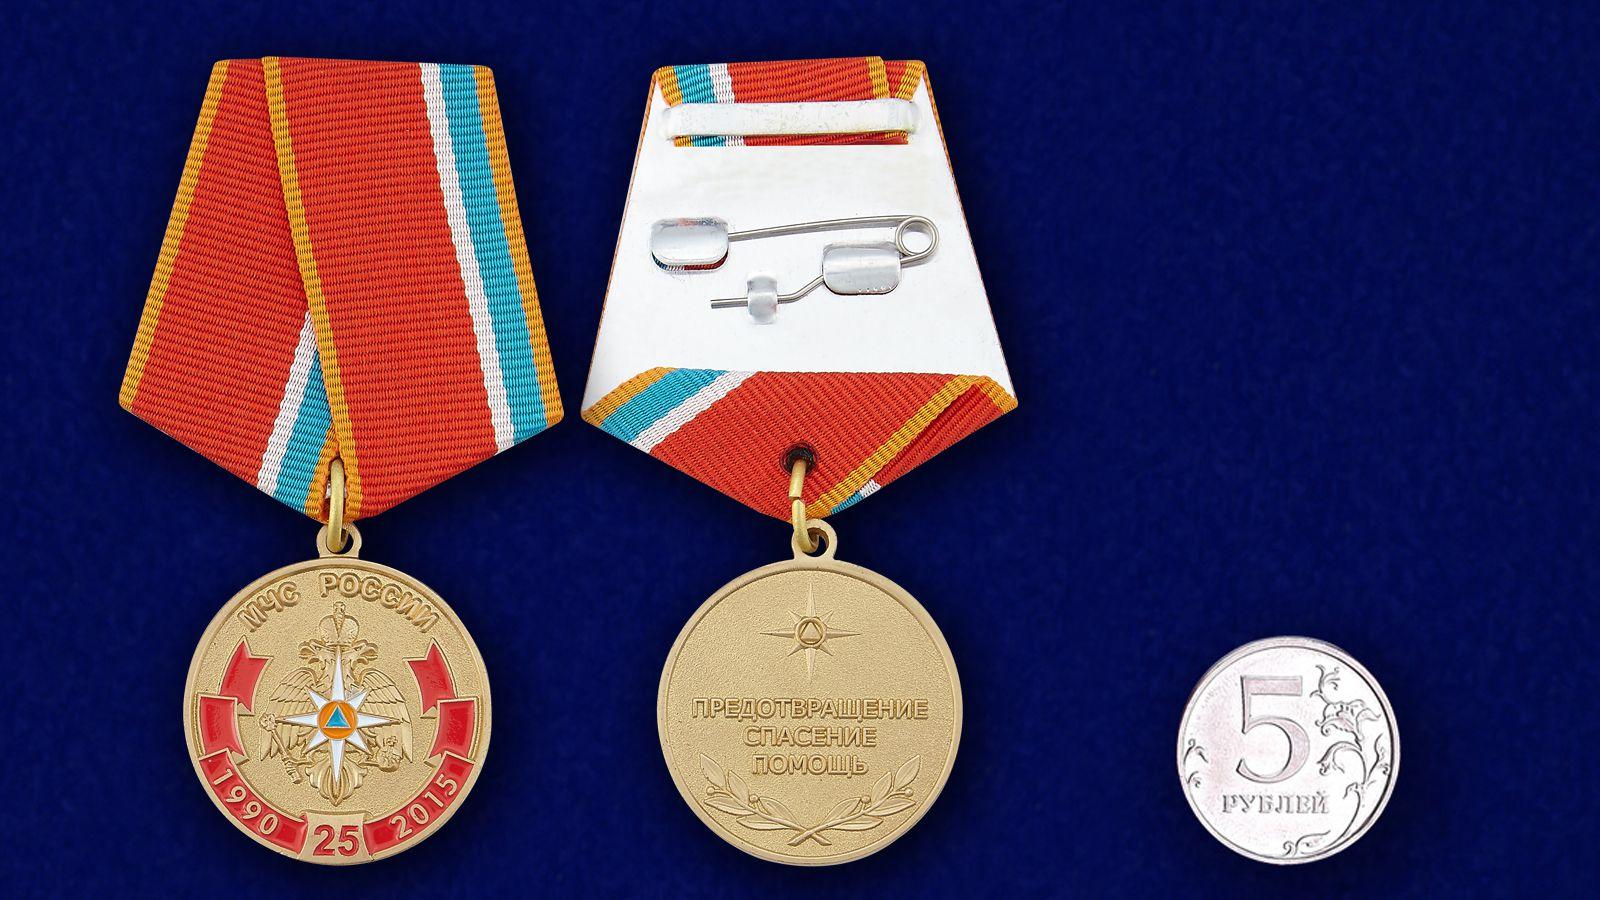 Юбилейная медаль МЧС (к 25-летию) - общественная награда